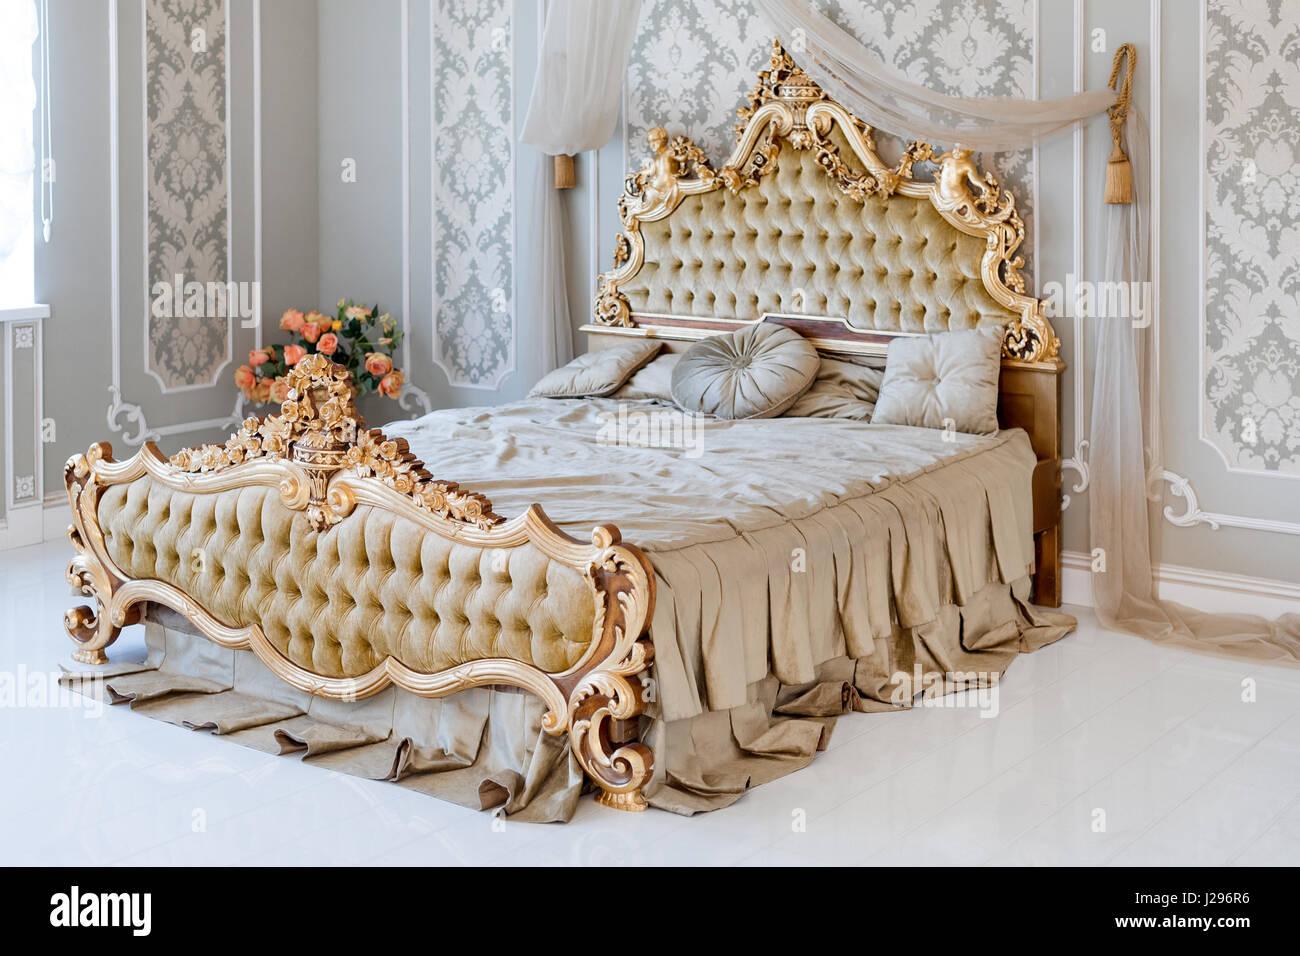 Schon Luxus Schlafzimmer In Hellen Farben Mit Goldenen Möbel Details. Große  Komfortable Doppelzimmer Königsbett In Eleganten Klassischen Interieur